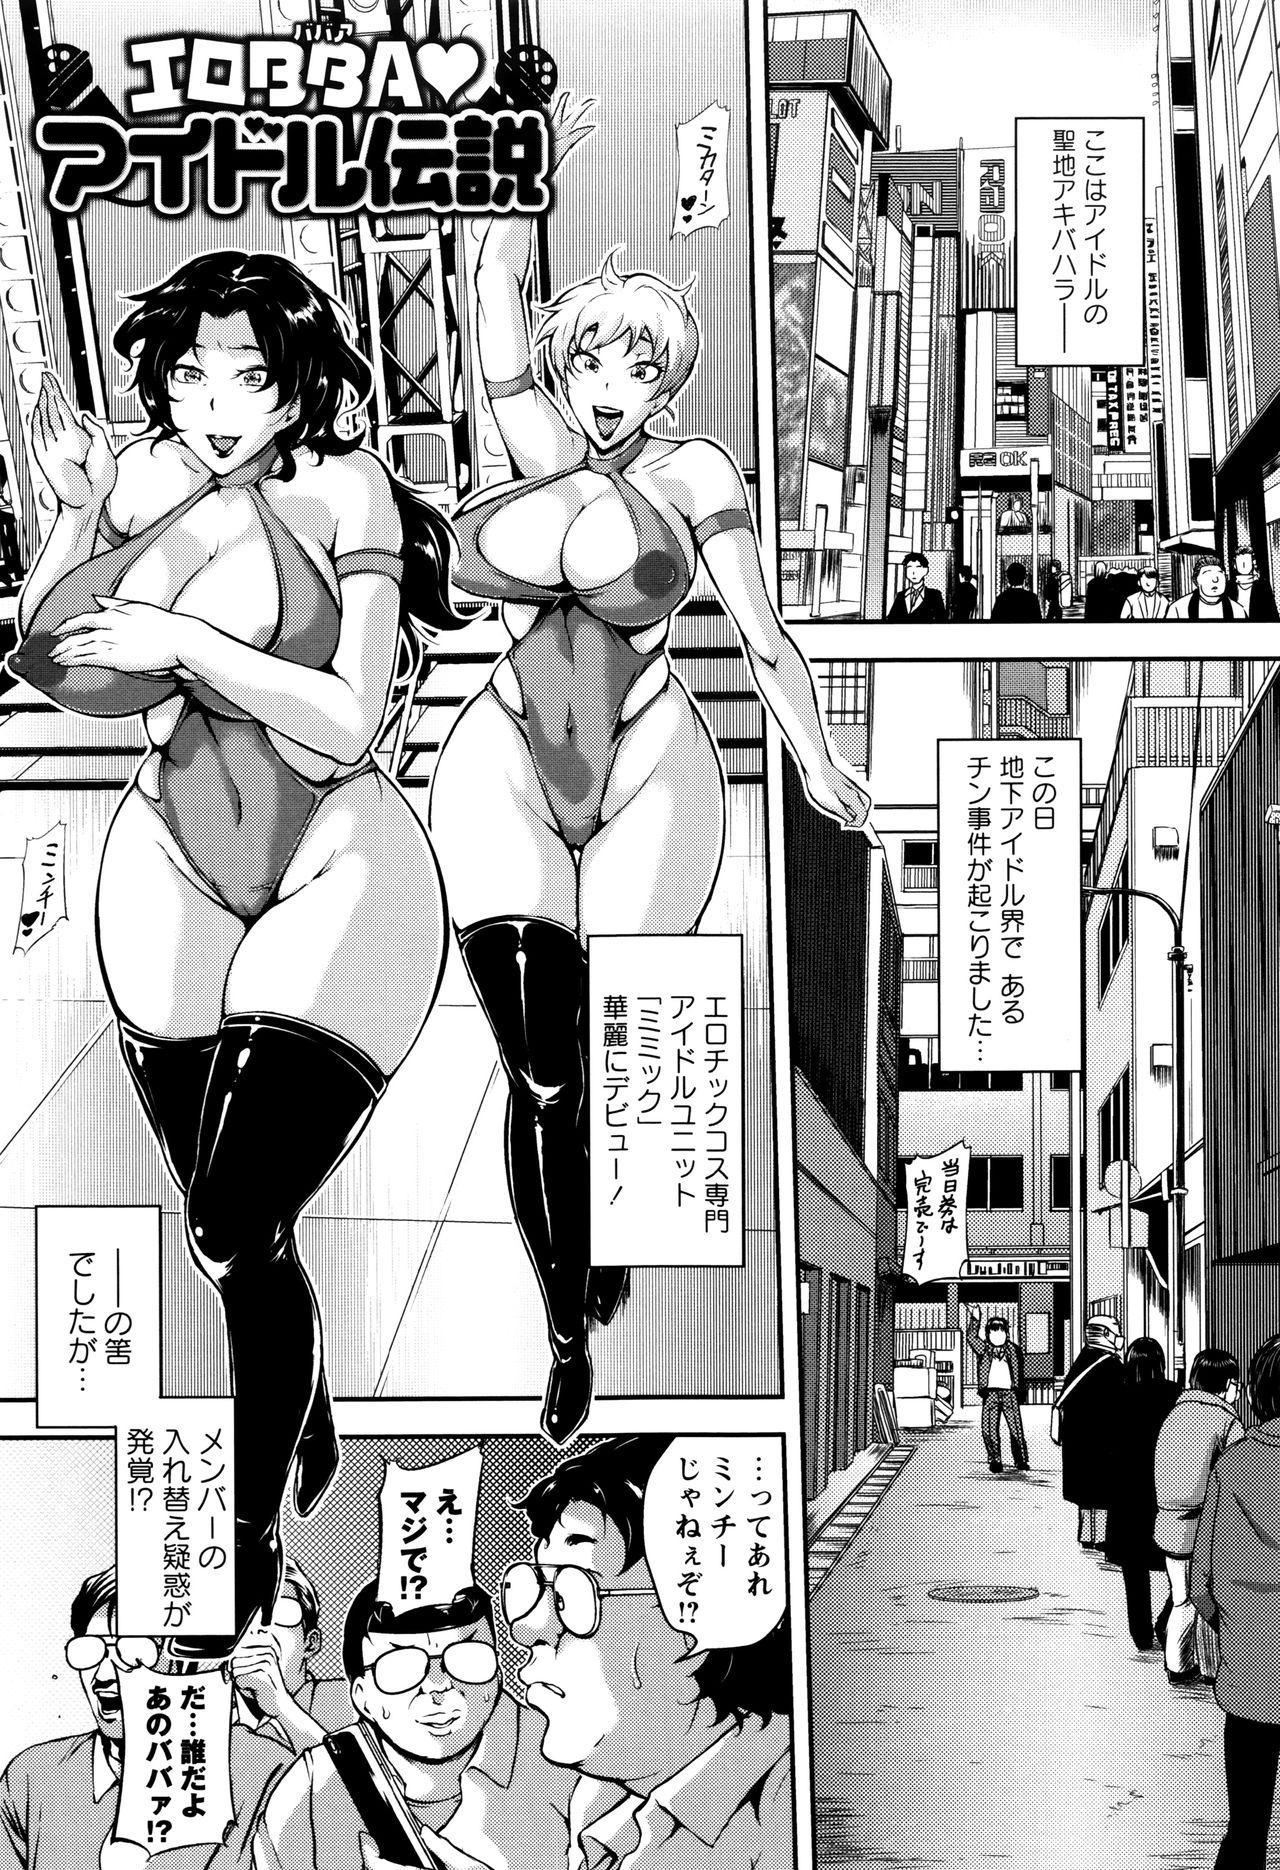 Ero BBA ♥ Dosukebe Ha Sengen 50